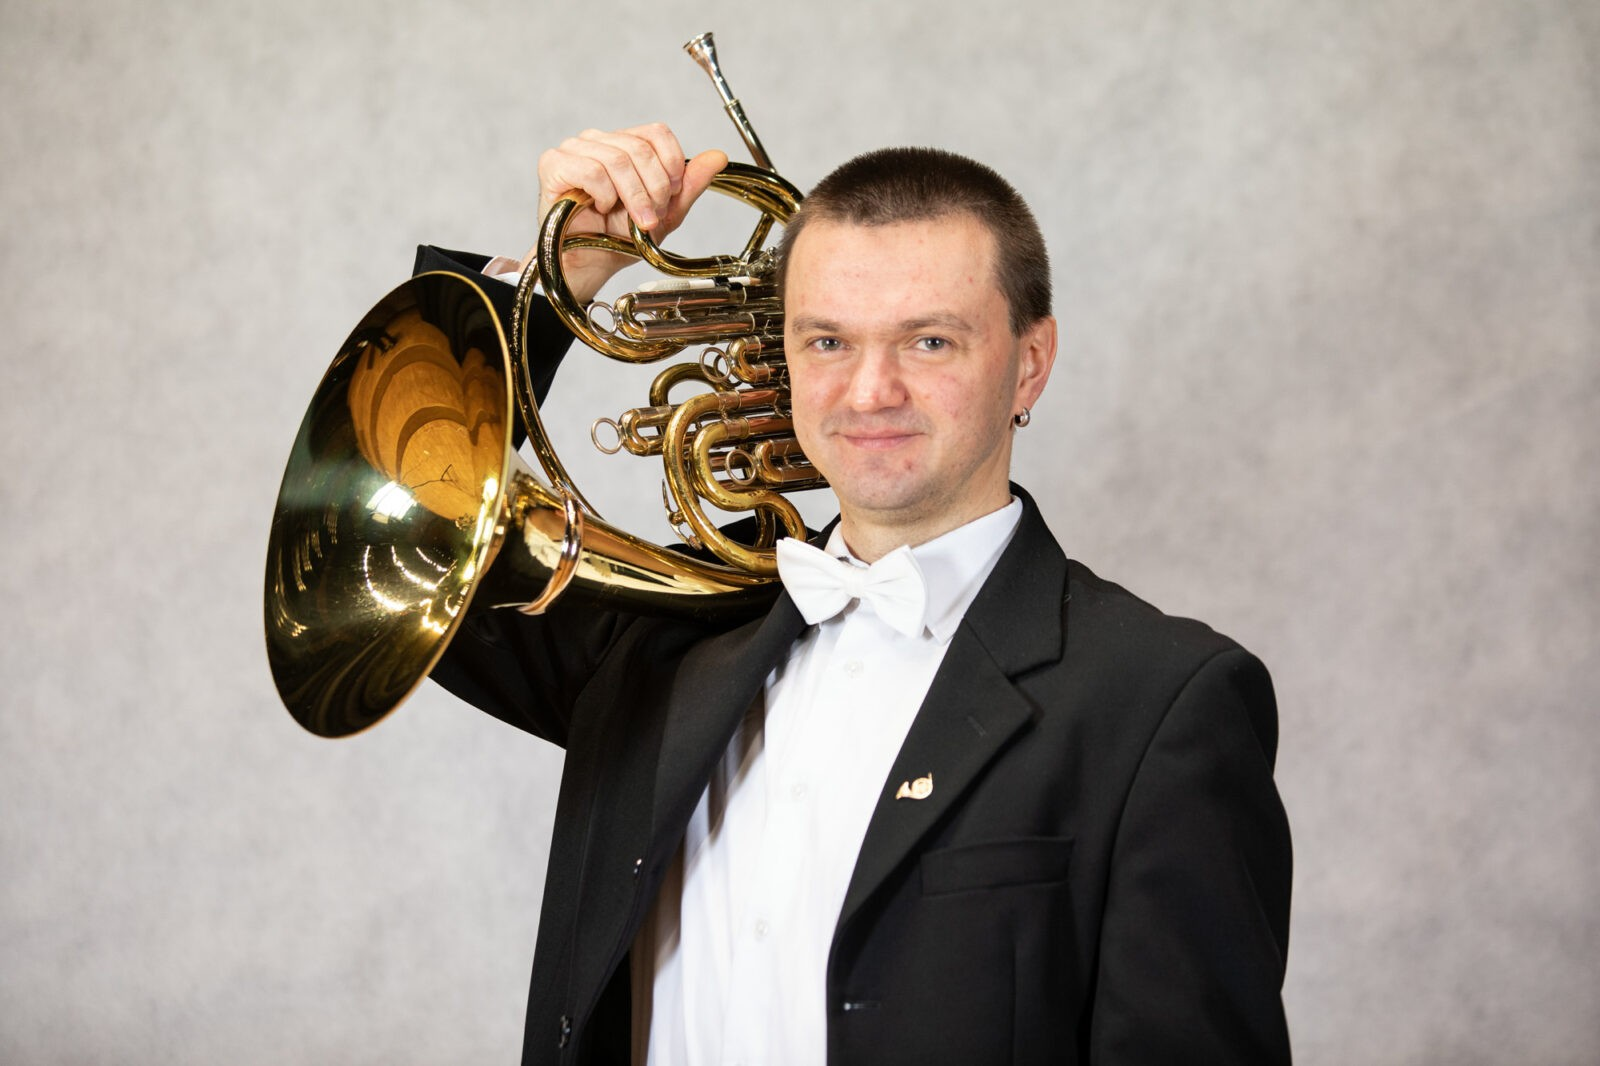 Zdjęcia Vasyla Havryliva z waltornią na ramieniu